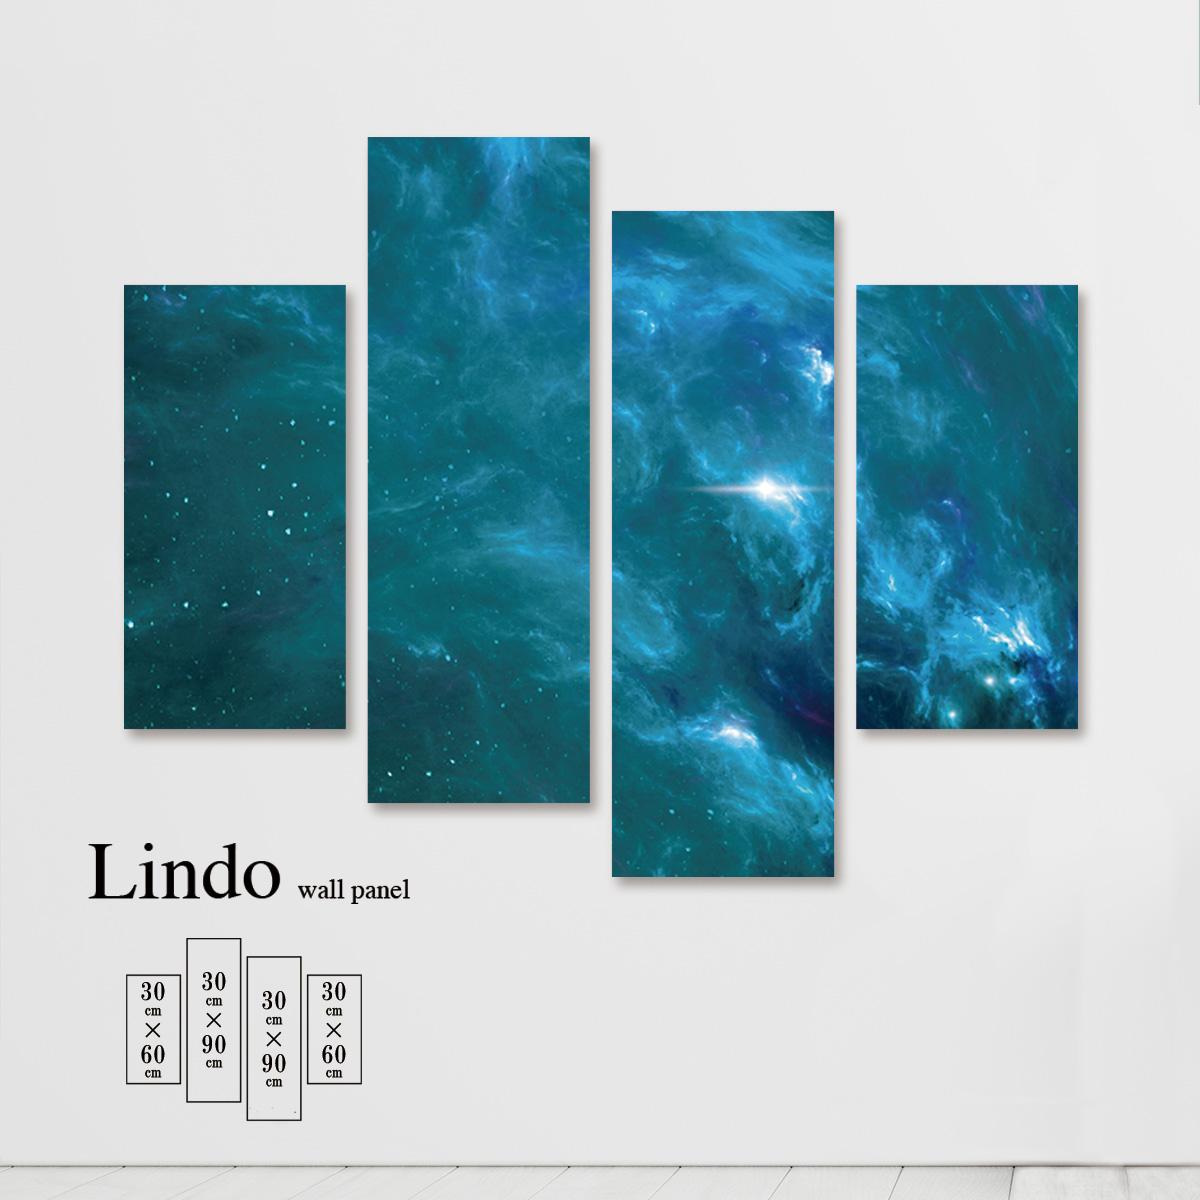 アートパネル 星 銀河 宇宙 夜空 満天 景色 シンプル かっこいい 壁掛け 北欧 お洒落 デザイン ファブリック 壁飾り アートボード 4枚パネル